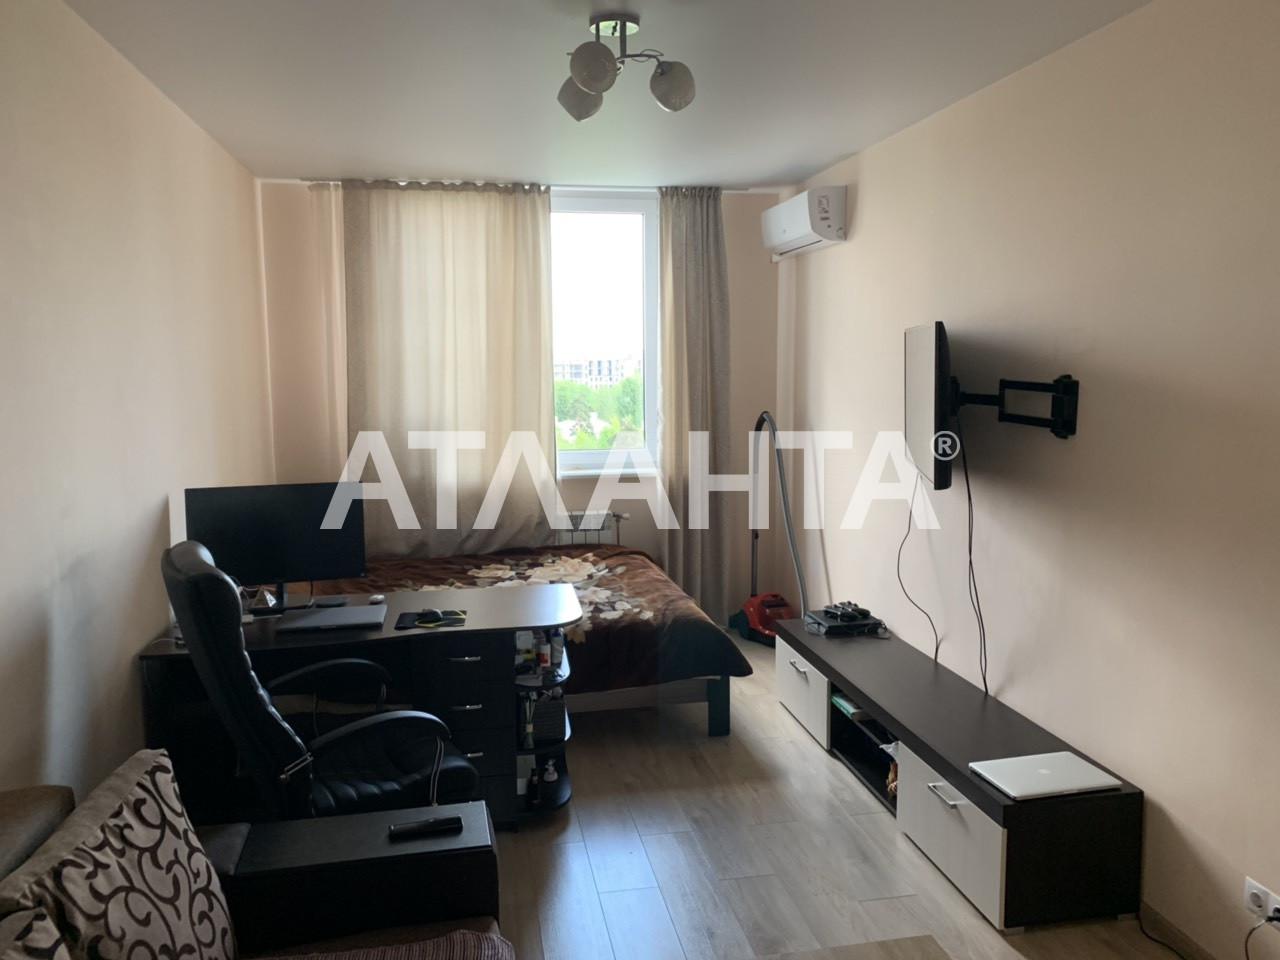 Продается 1-комнатная Квартира на ул. Лобачевского Пер. — 40 000 у.е. (фото №3)